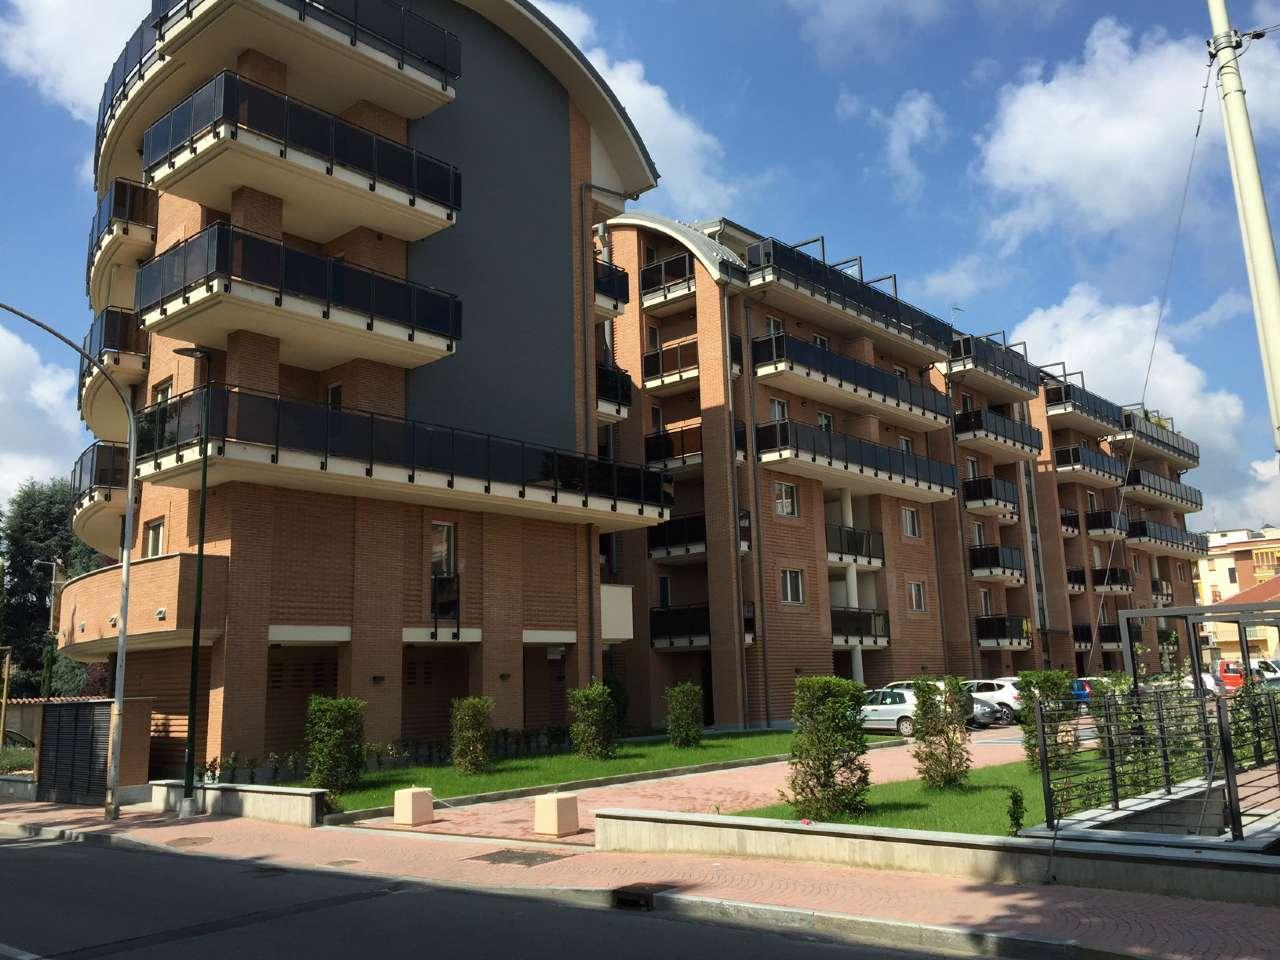 Appartamento in vendita a Chieri, 2 locali, prezzo € 150.000 | PortaleAgenzieImmobiliari.it